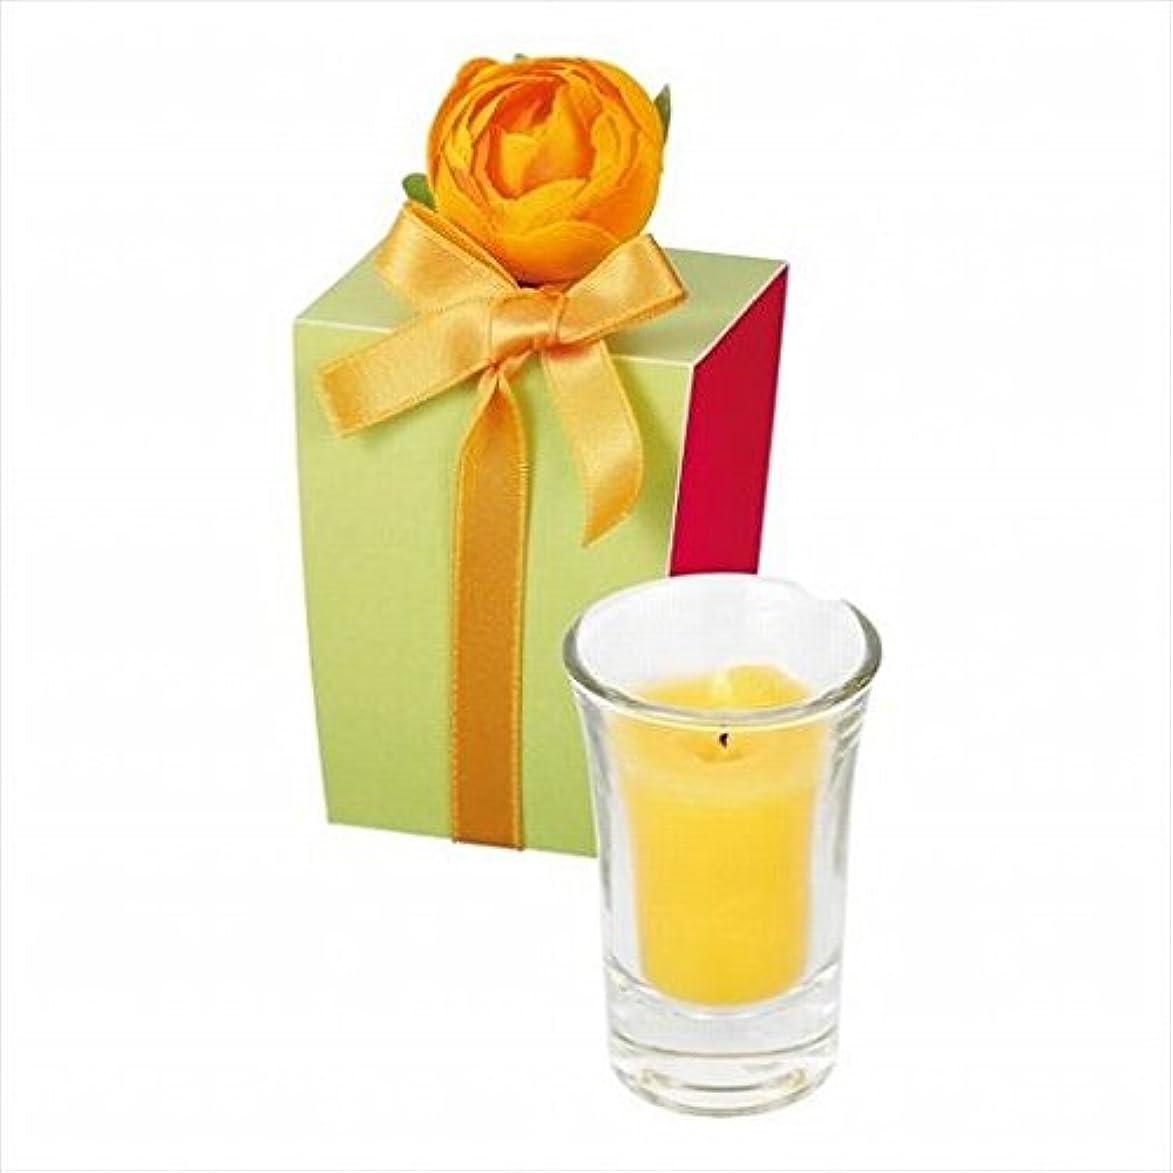 する必要がある仕様対立kameyama candle(カメヤマキャンドル) ラナンキュラスグラスキャンドル 「 イエロー 」(A9390500Y)